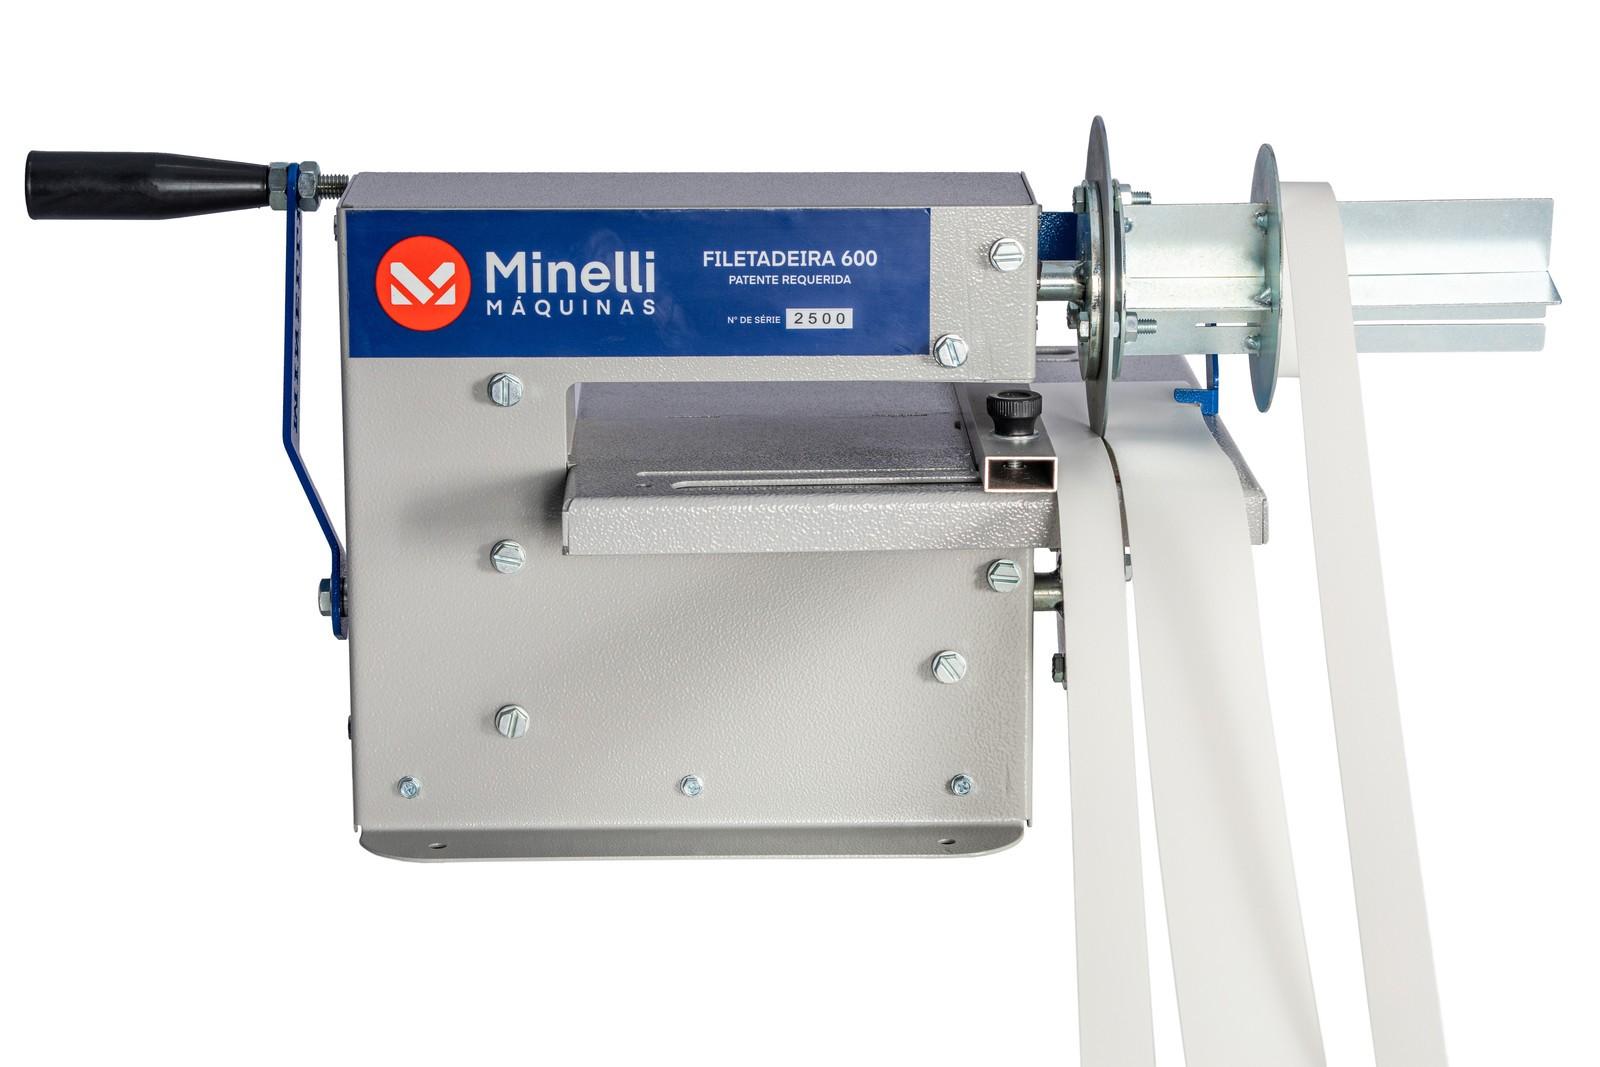 Filetadeira Minelli MMF-600